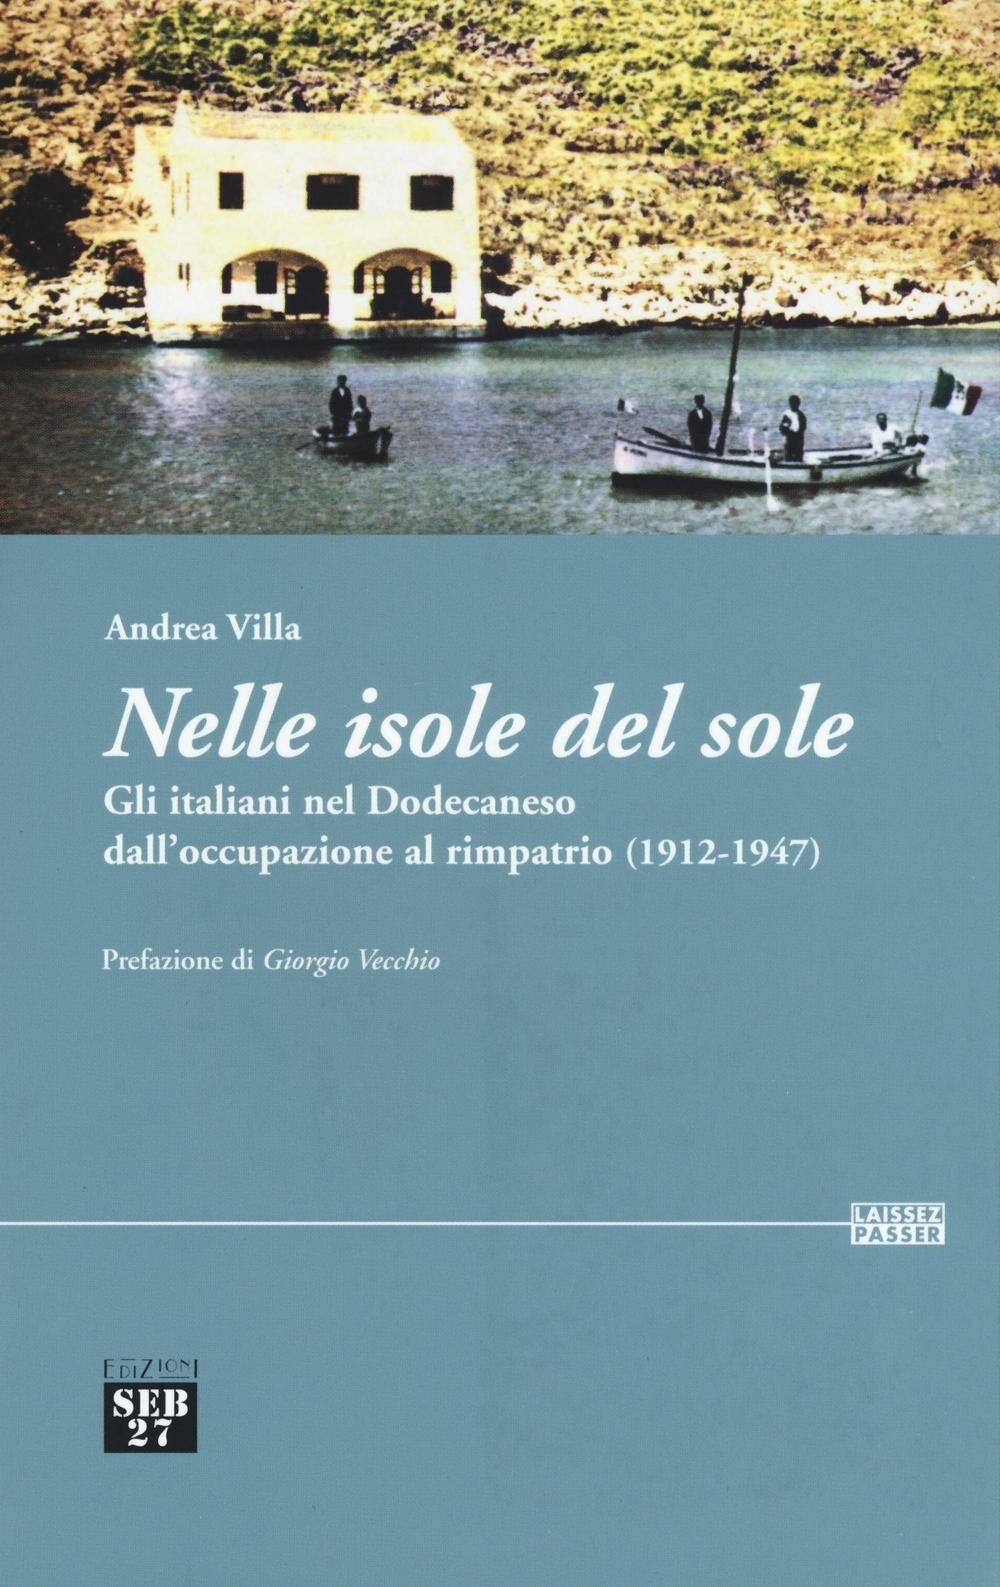 Nelle isole del sole. Gli italiani nel Dodecaneso dall'occupazione al rimpatrio (1912-1947)